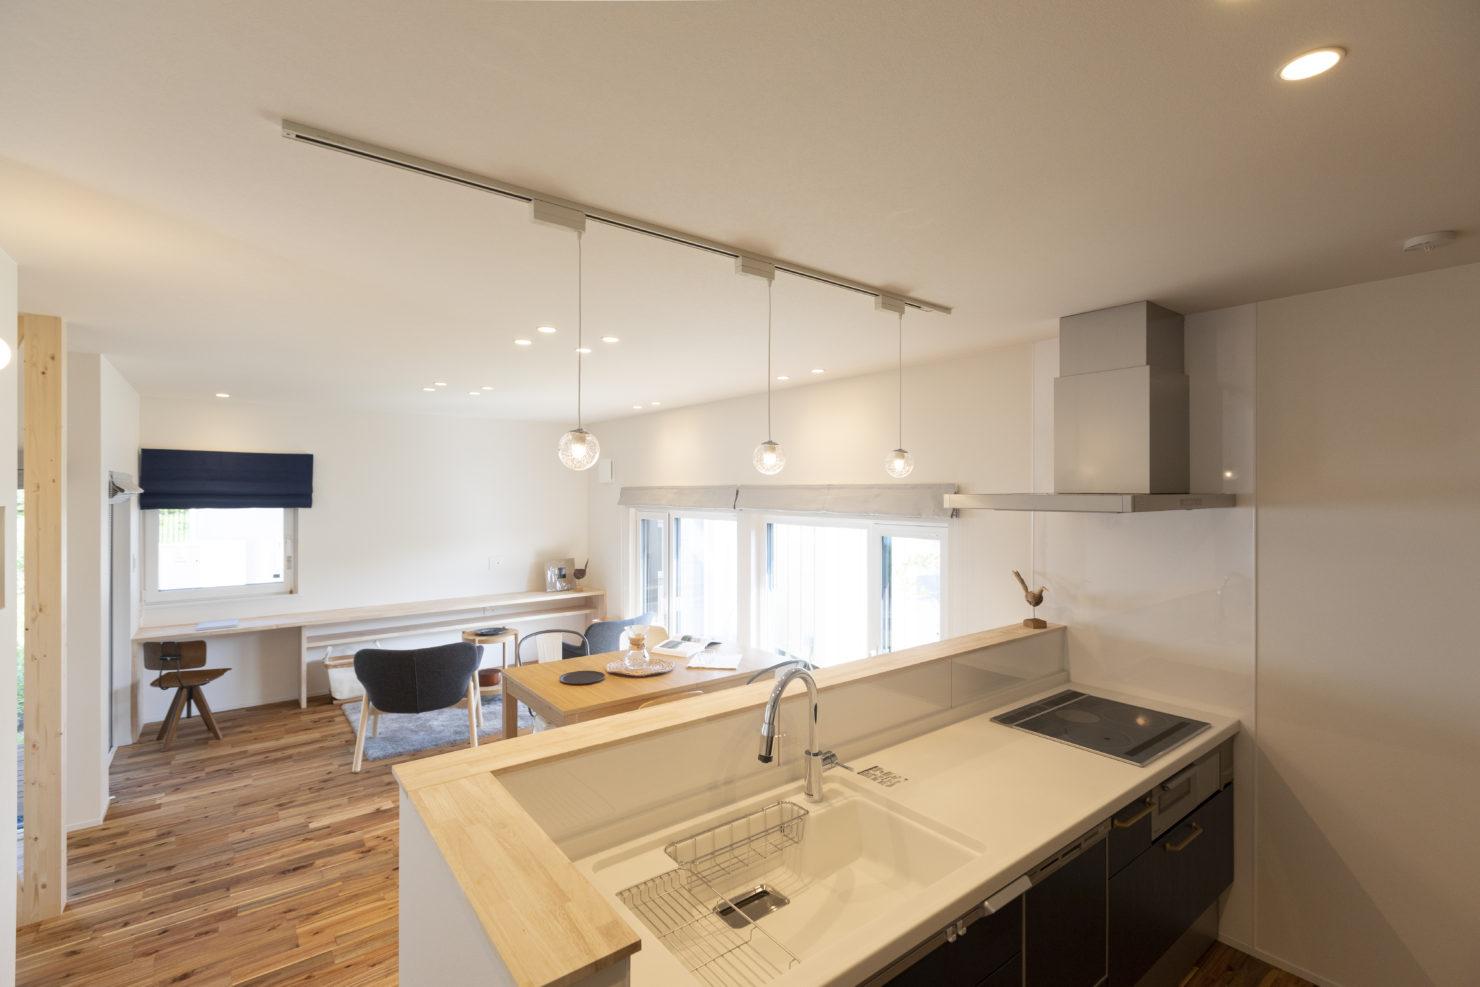 ハウスM21 盛岡市高松建売住宅 キッチン写真